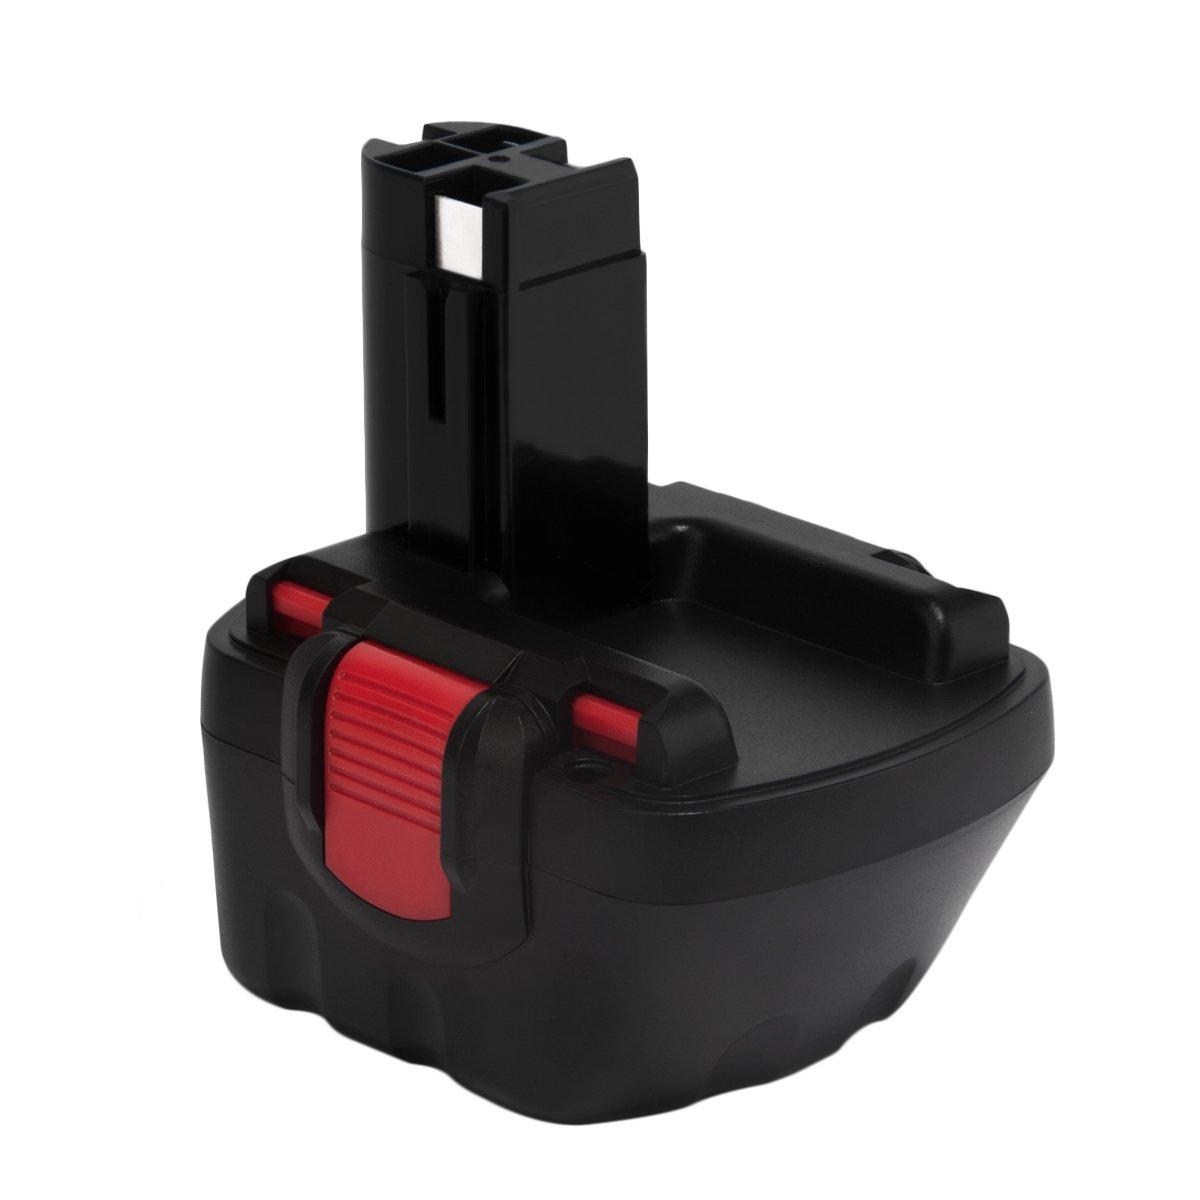 Batería de taladro para Bosch BAT043 BAT045 BAT120 BAT139 2607335542 2607335526 2607335274 2607335709 GSR 12-2 12VE-2 PSR 12 GSB 12VE-2 22612 23612 32612